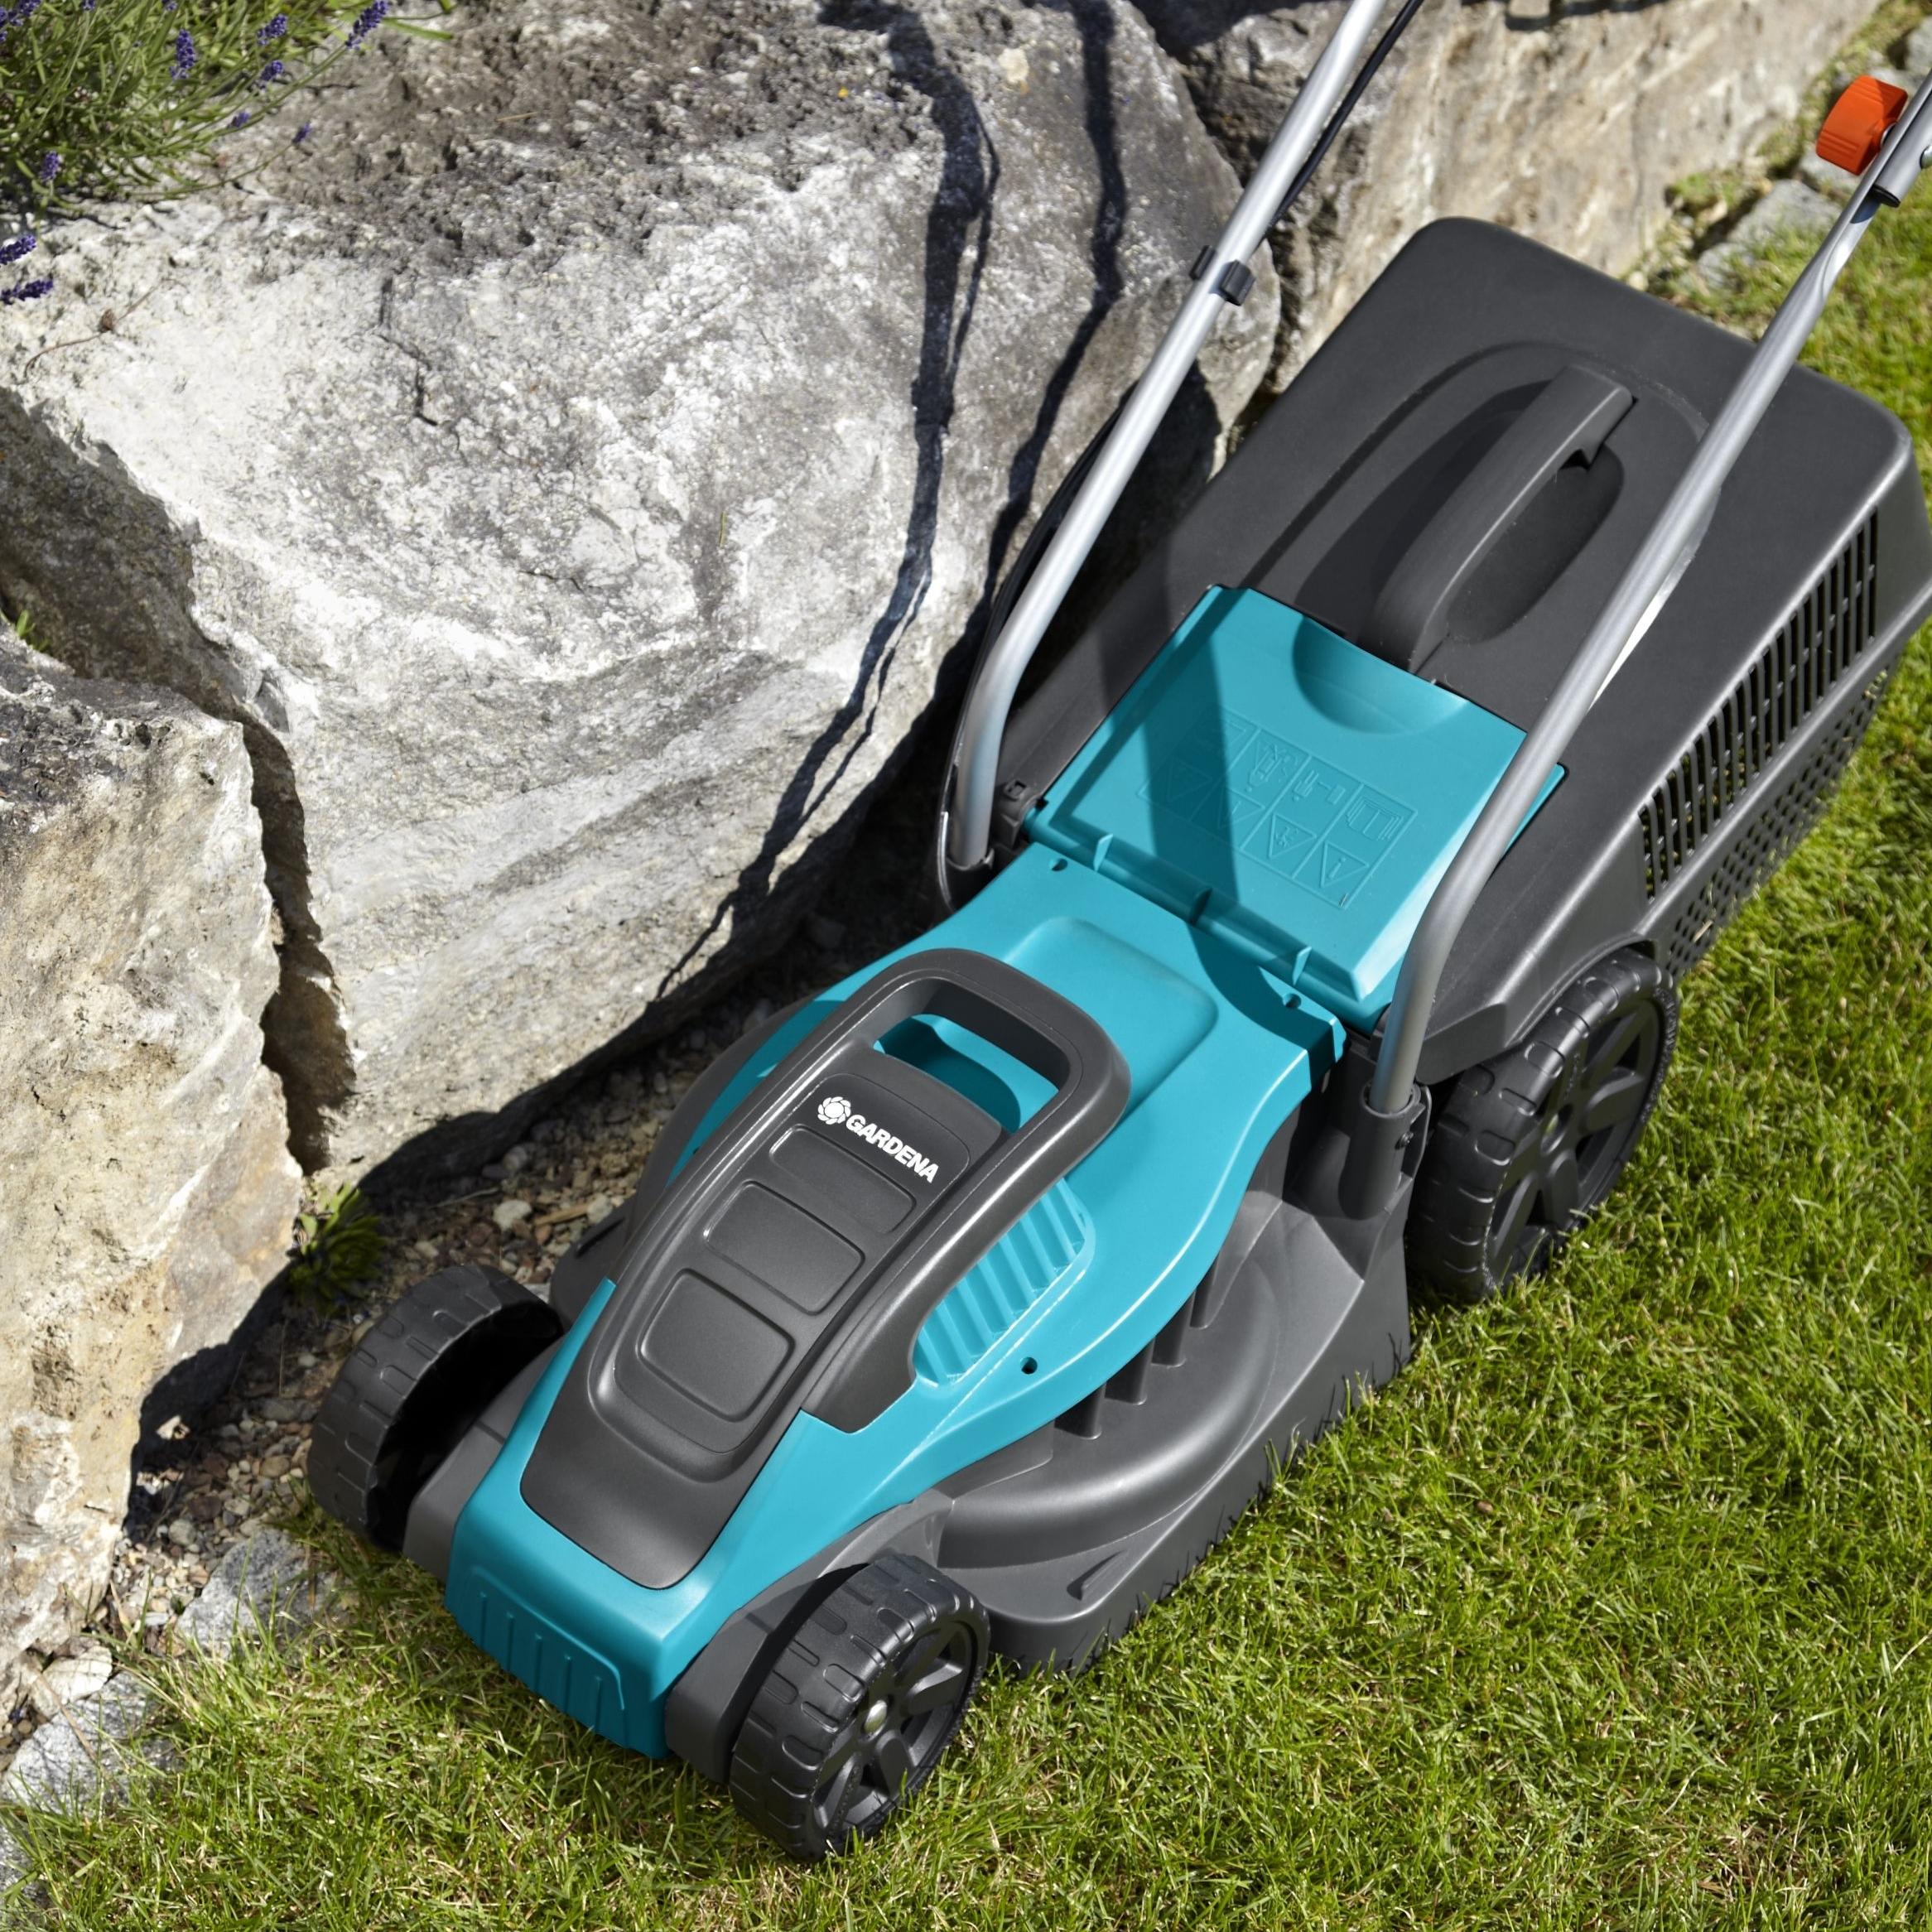 газонокосилка электрическая Gardena Powermax 1100 32 отзывы